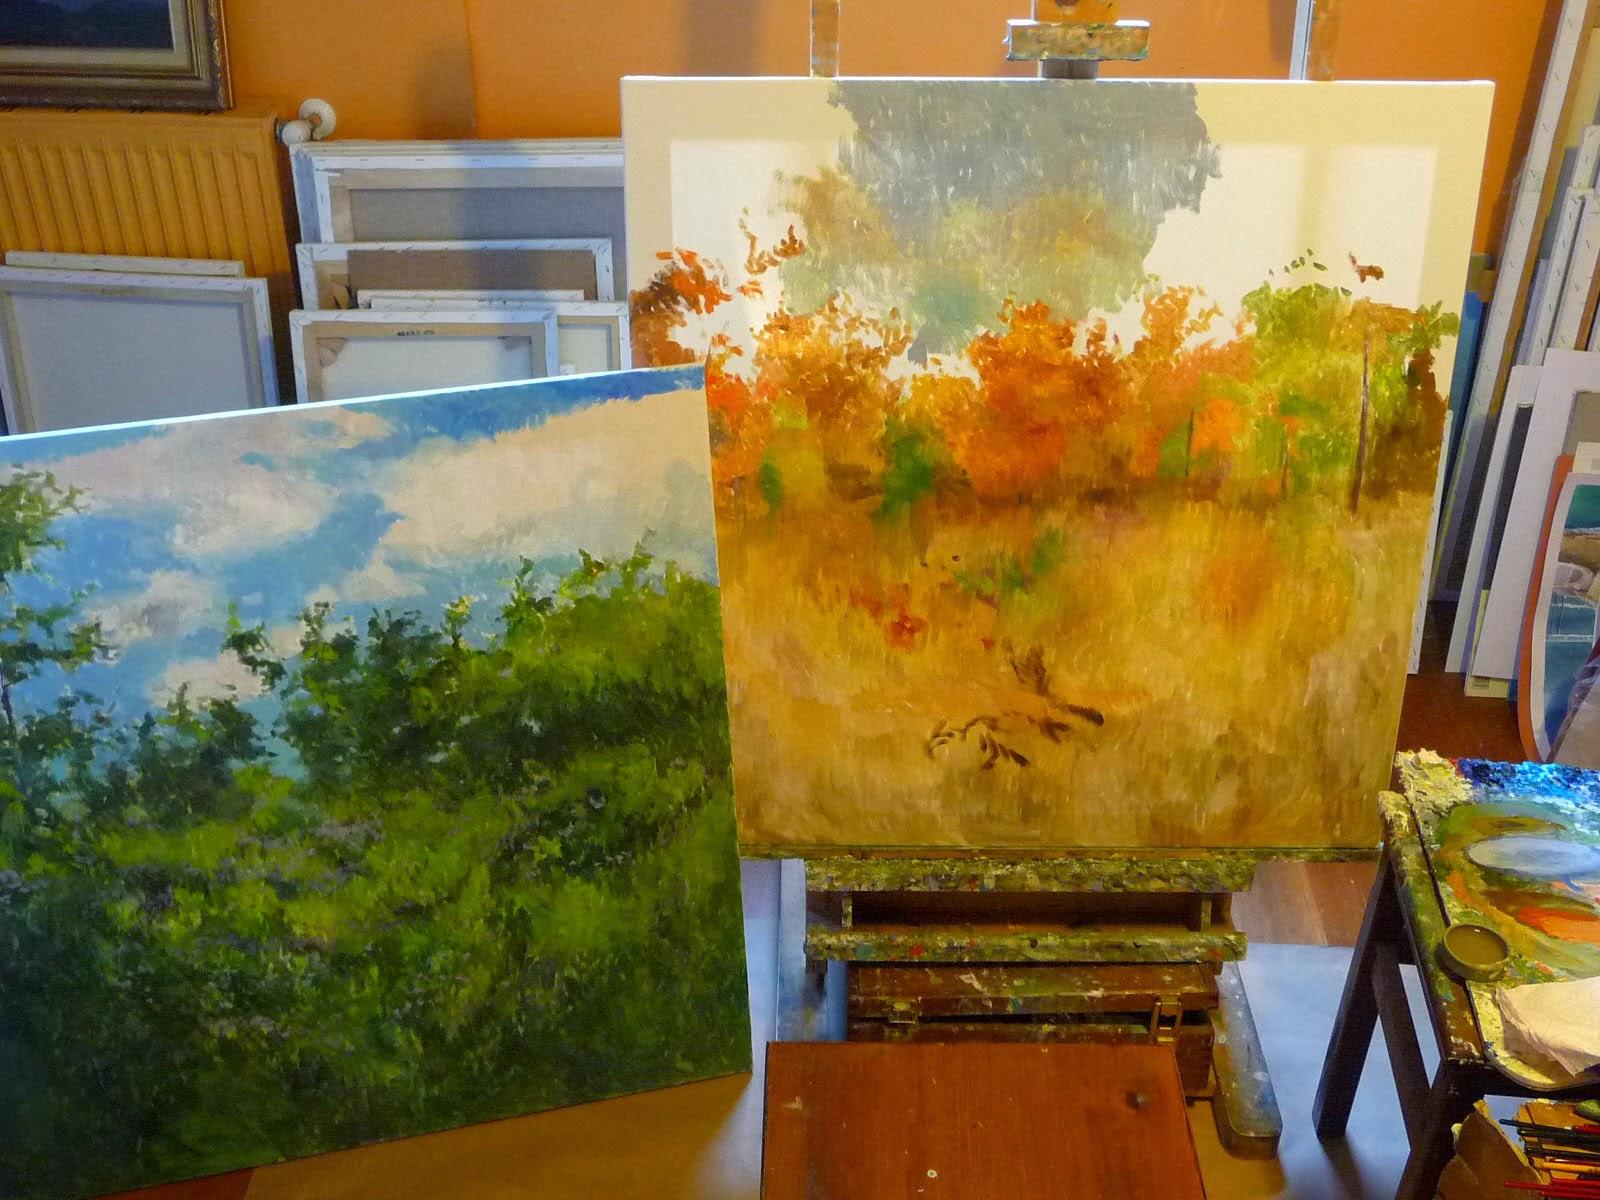 Cuadros al oleo de flores en proceso de ser pintados